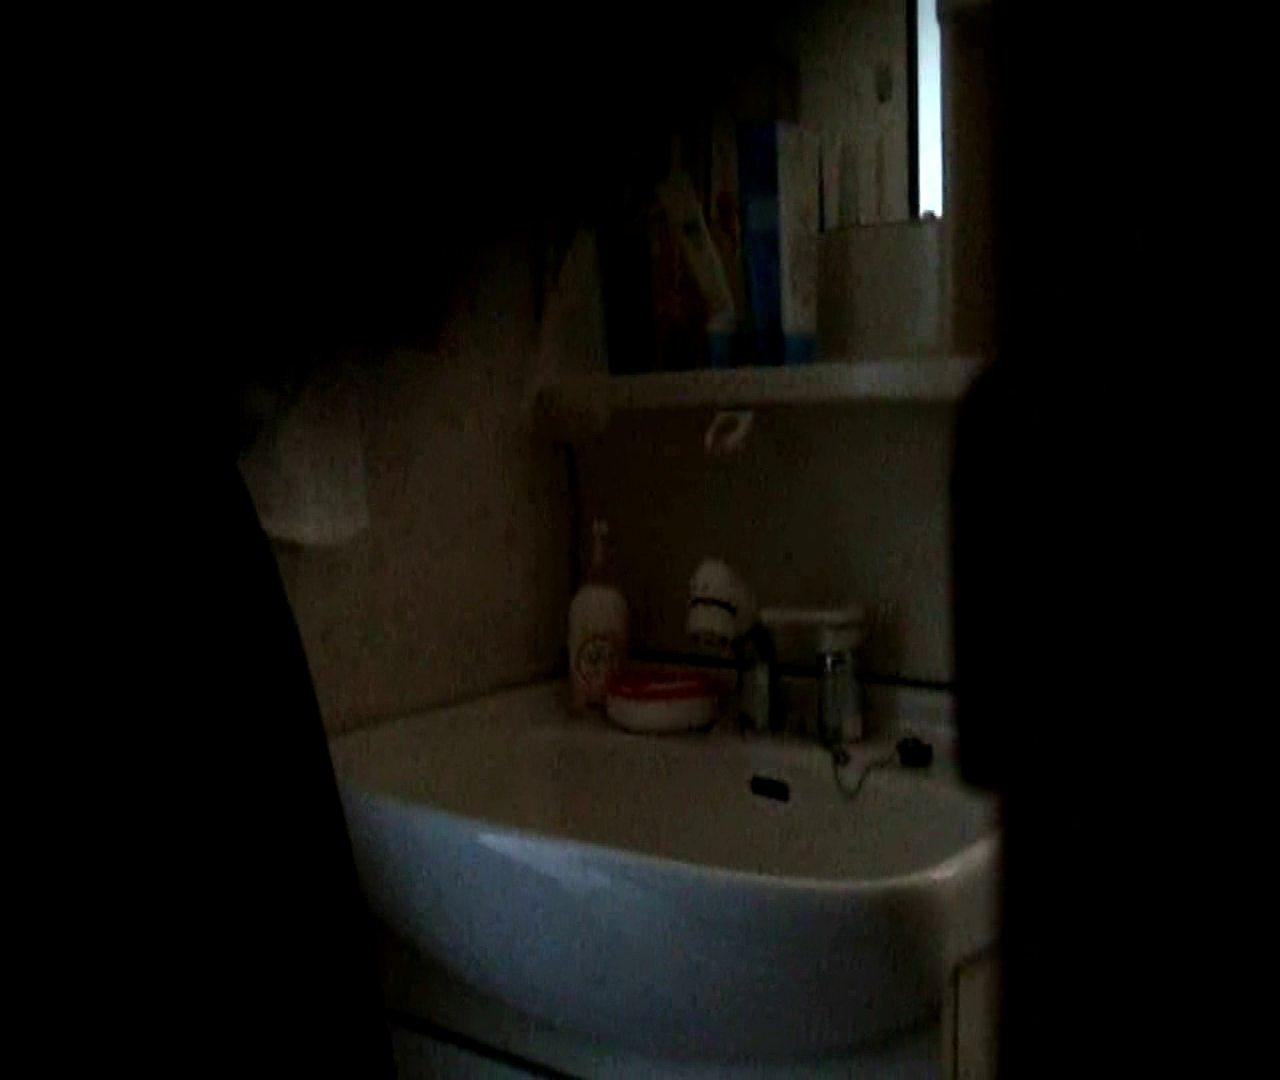 二人とも育てた甲斐がありました… vol.05 まどかが洗顔後にブラを洗濯 HなOL | 0  98pic 28